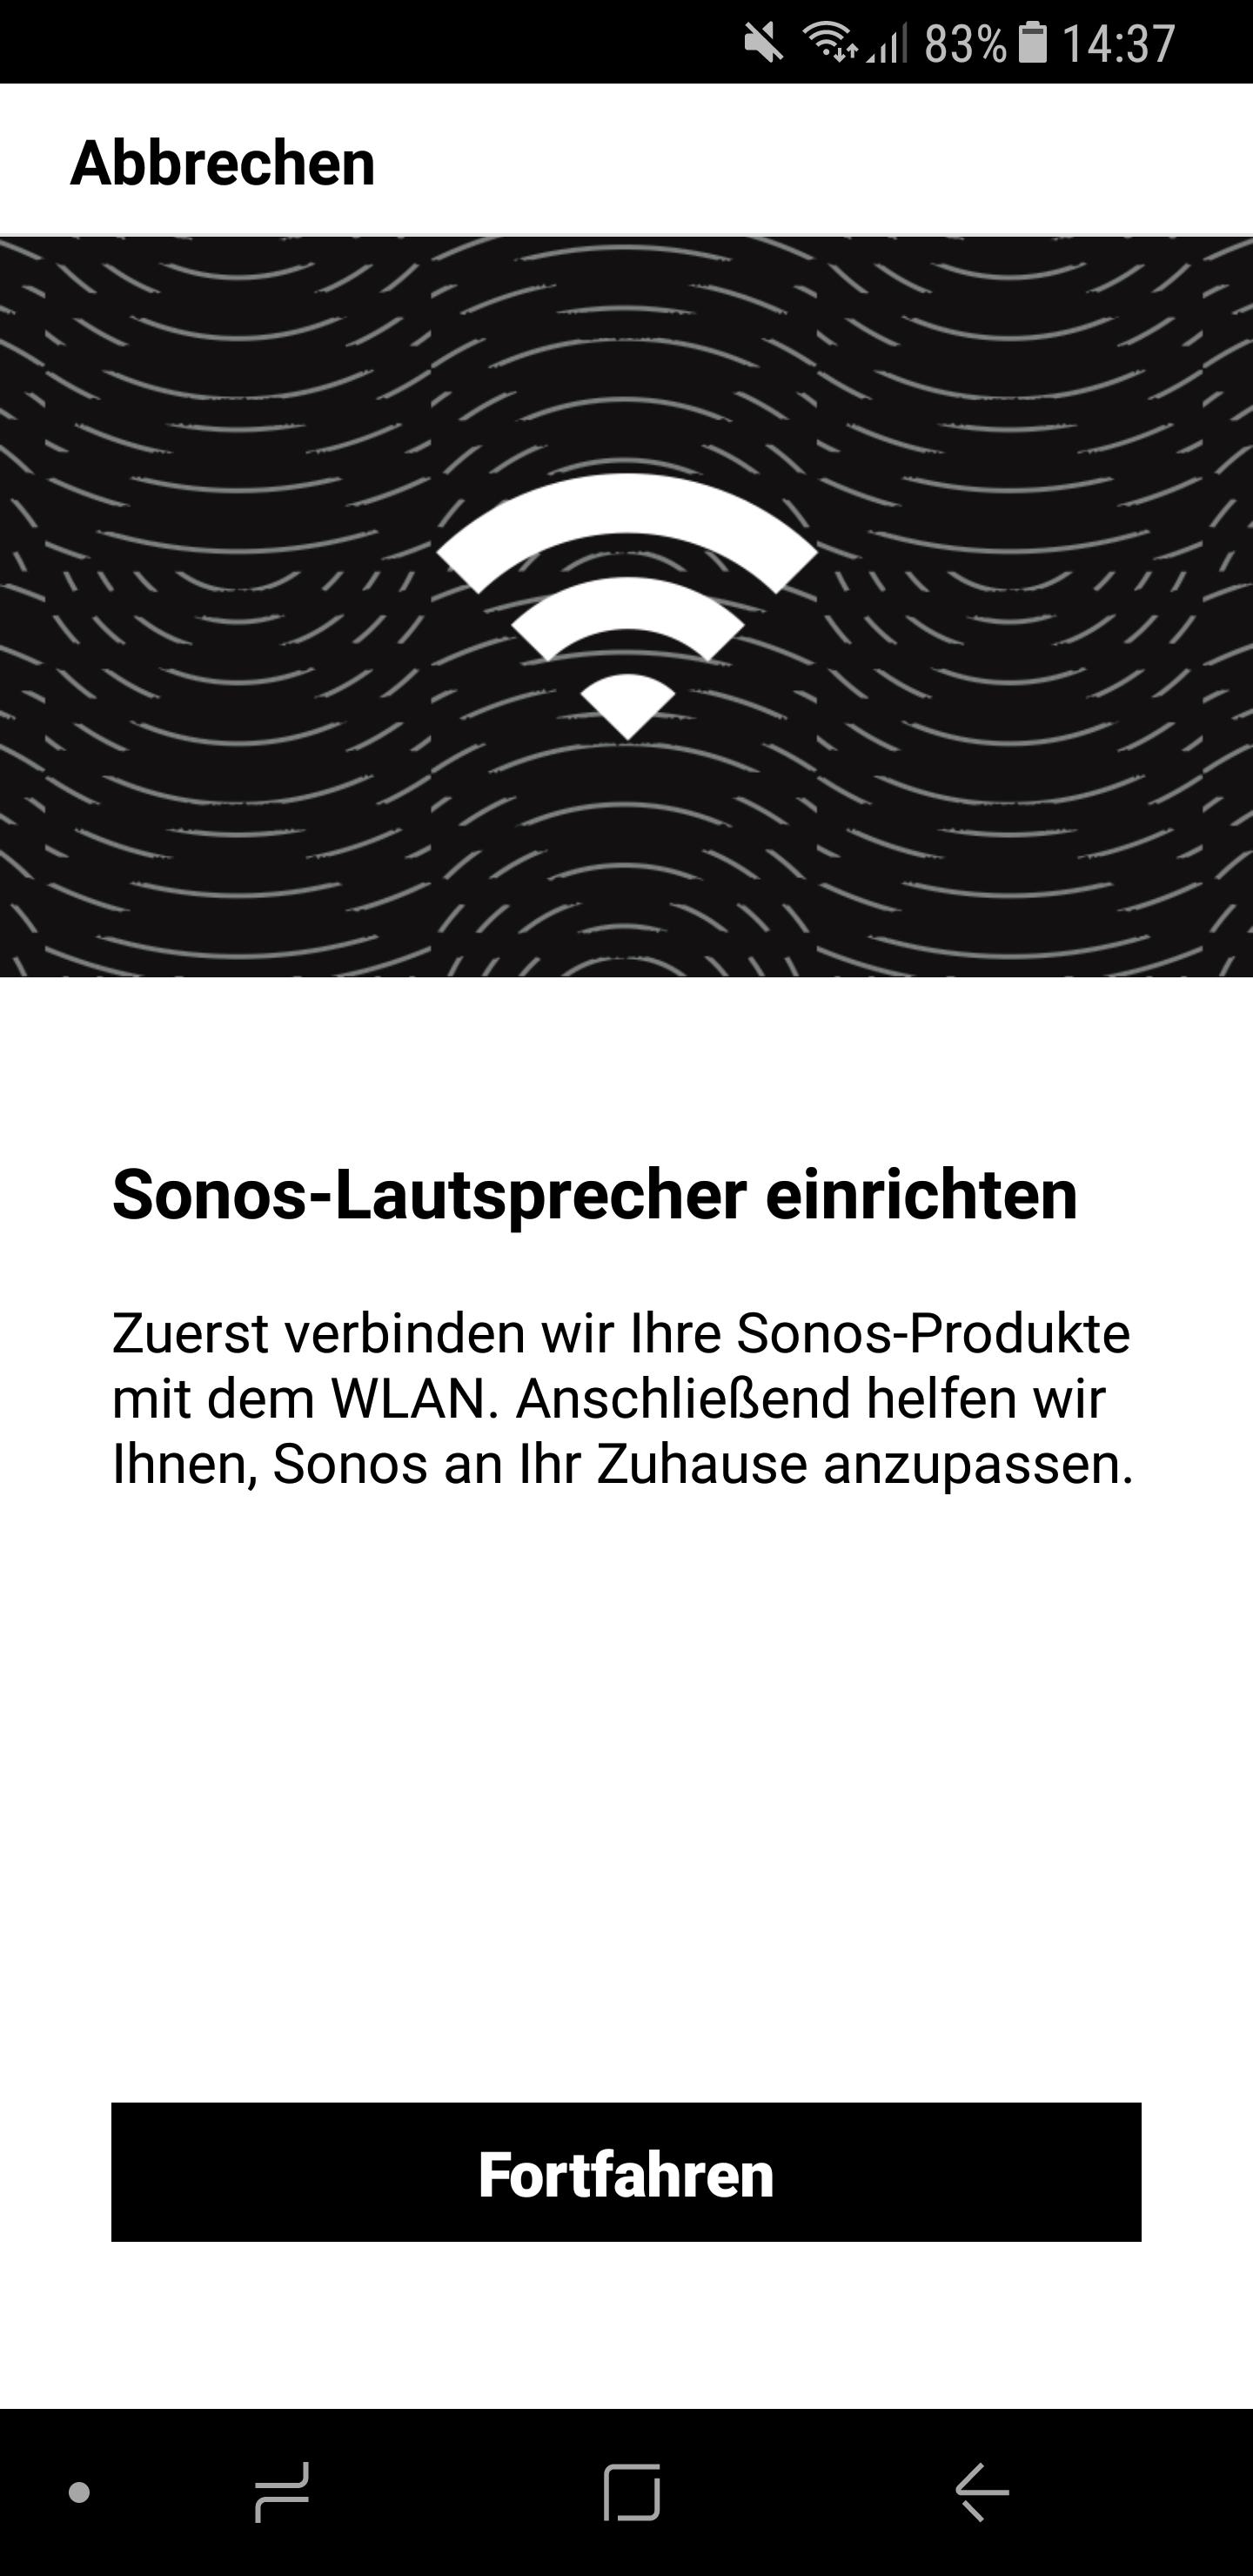 Sonos Lautsprecher einrichten 1